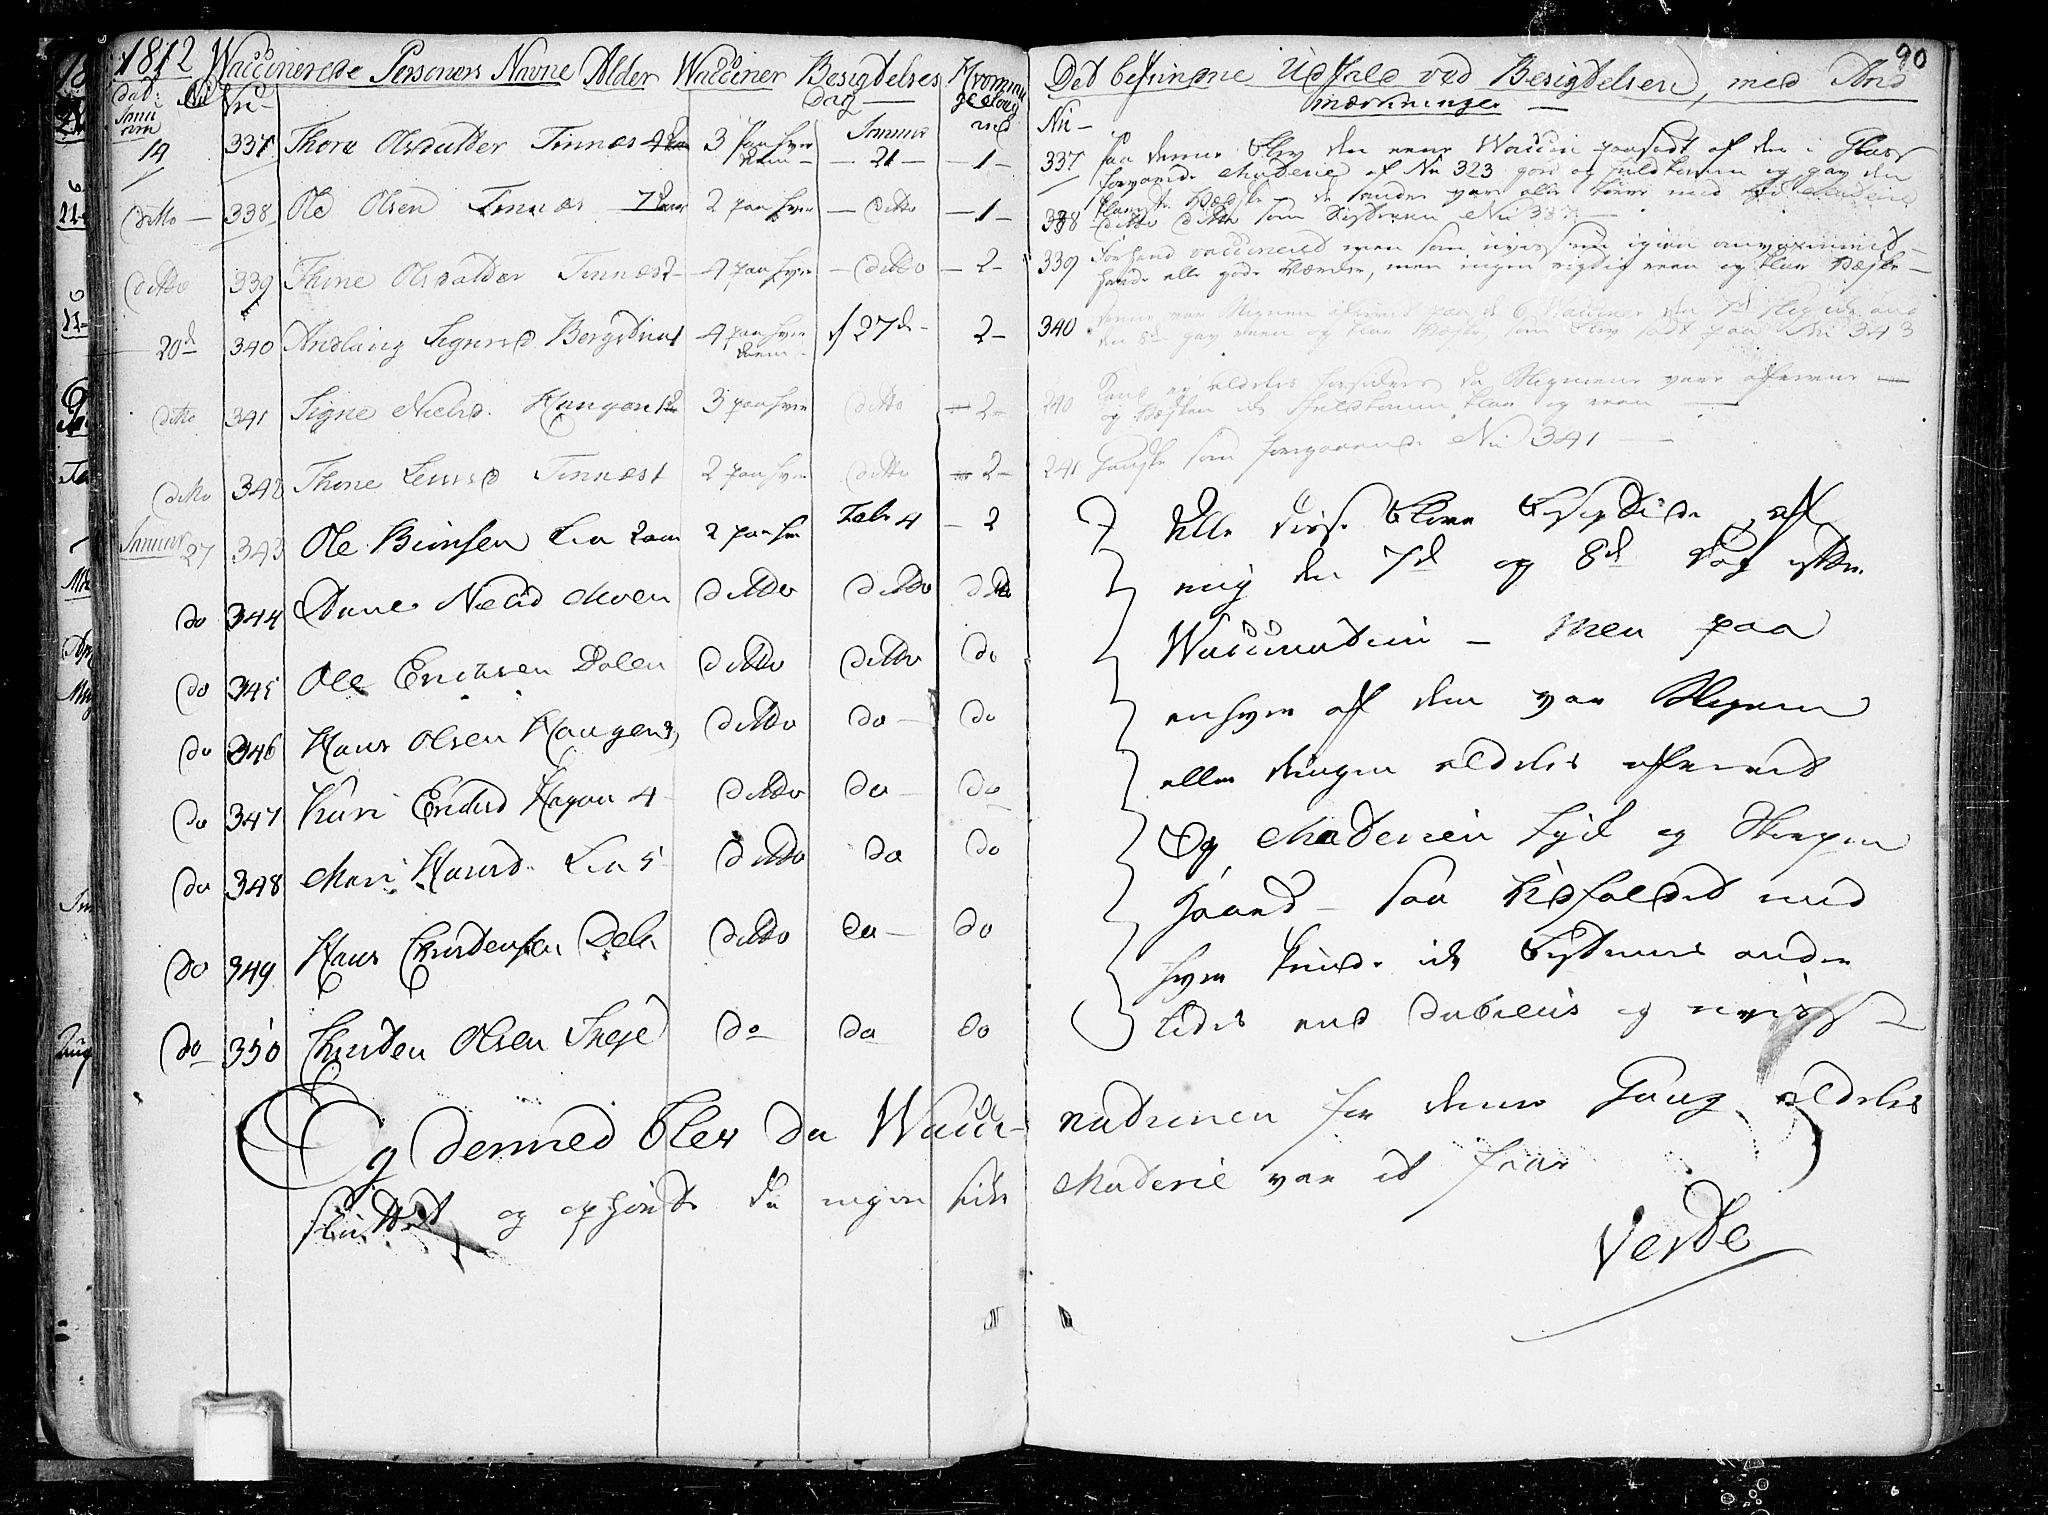 SAKO, Heddal kirkebøker, F/Fa/L0004: Ministerialbok nr. I 4, 1784-1814, s. 90